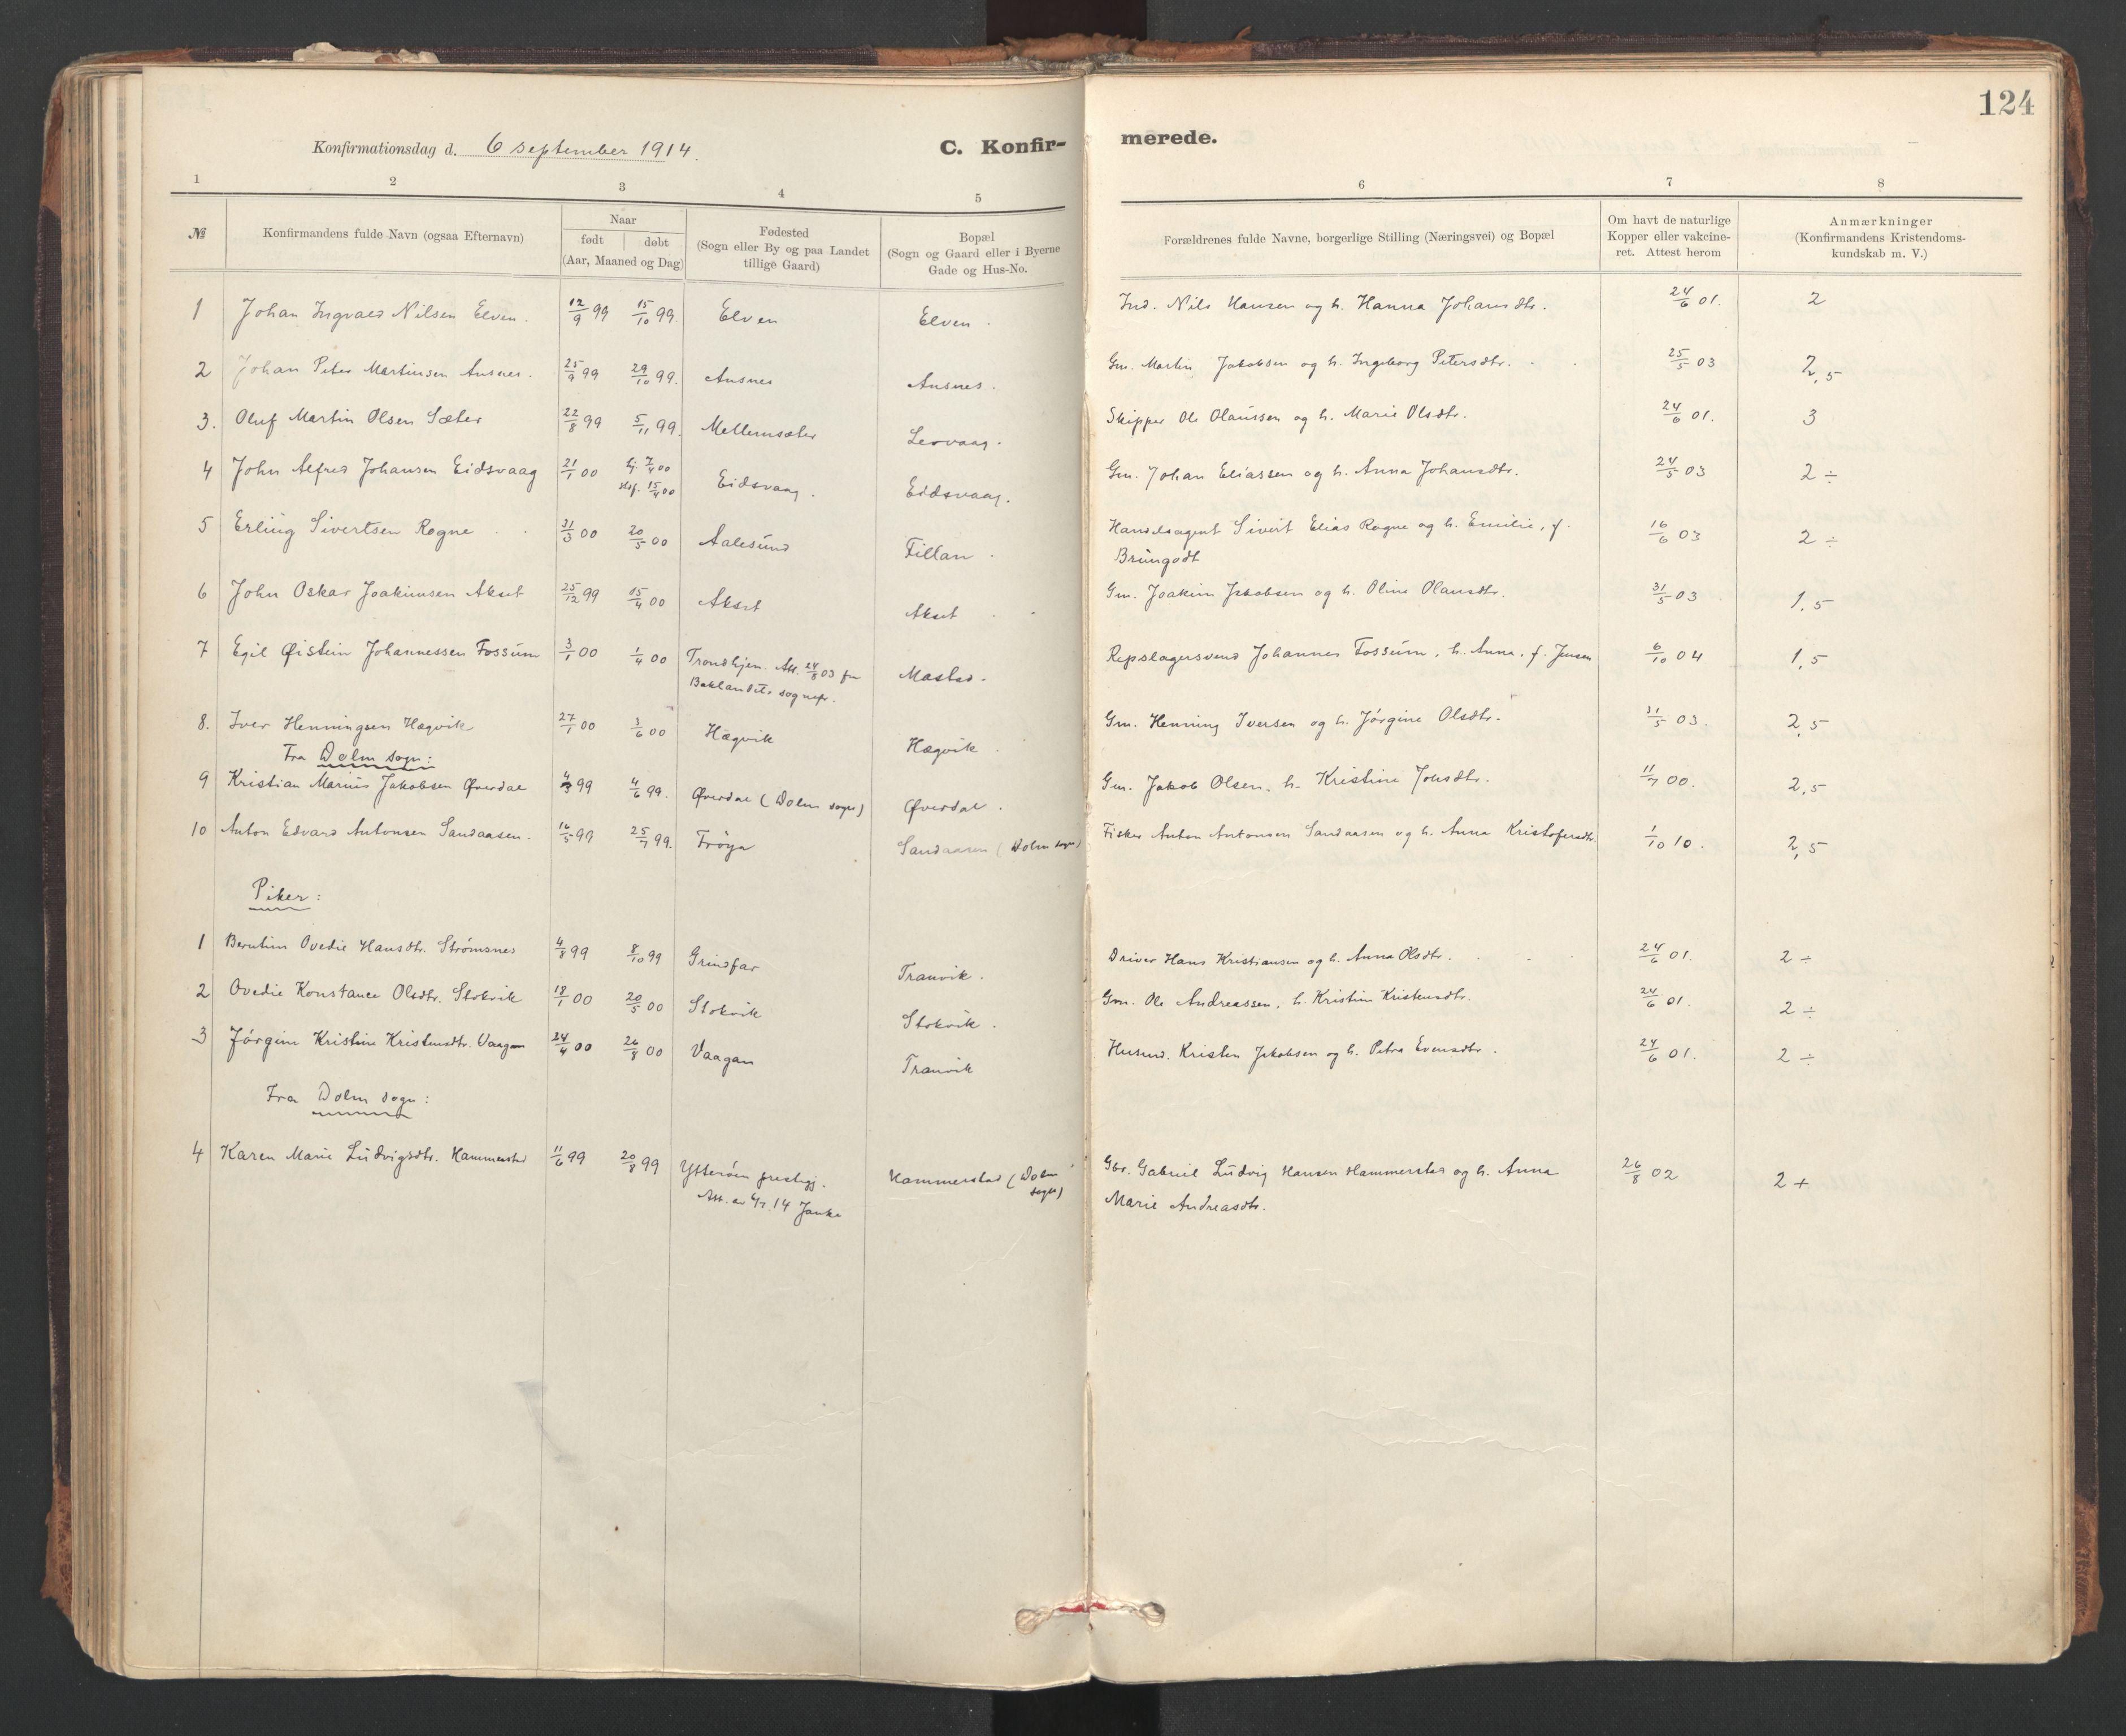 SAT, Ministerialprotokoller, klokkerbøker og fødselsregistre - Sør-Trøndelag, 637/L0559: Ministerialbok nr. 637A02, 1899-1923, s. 124